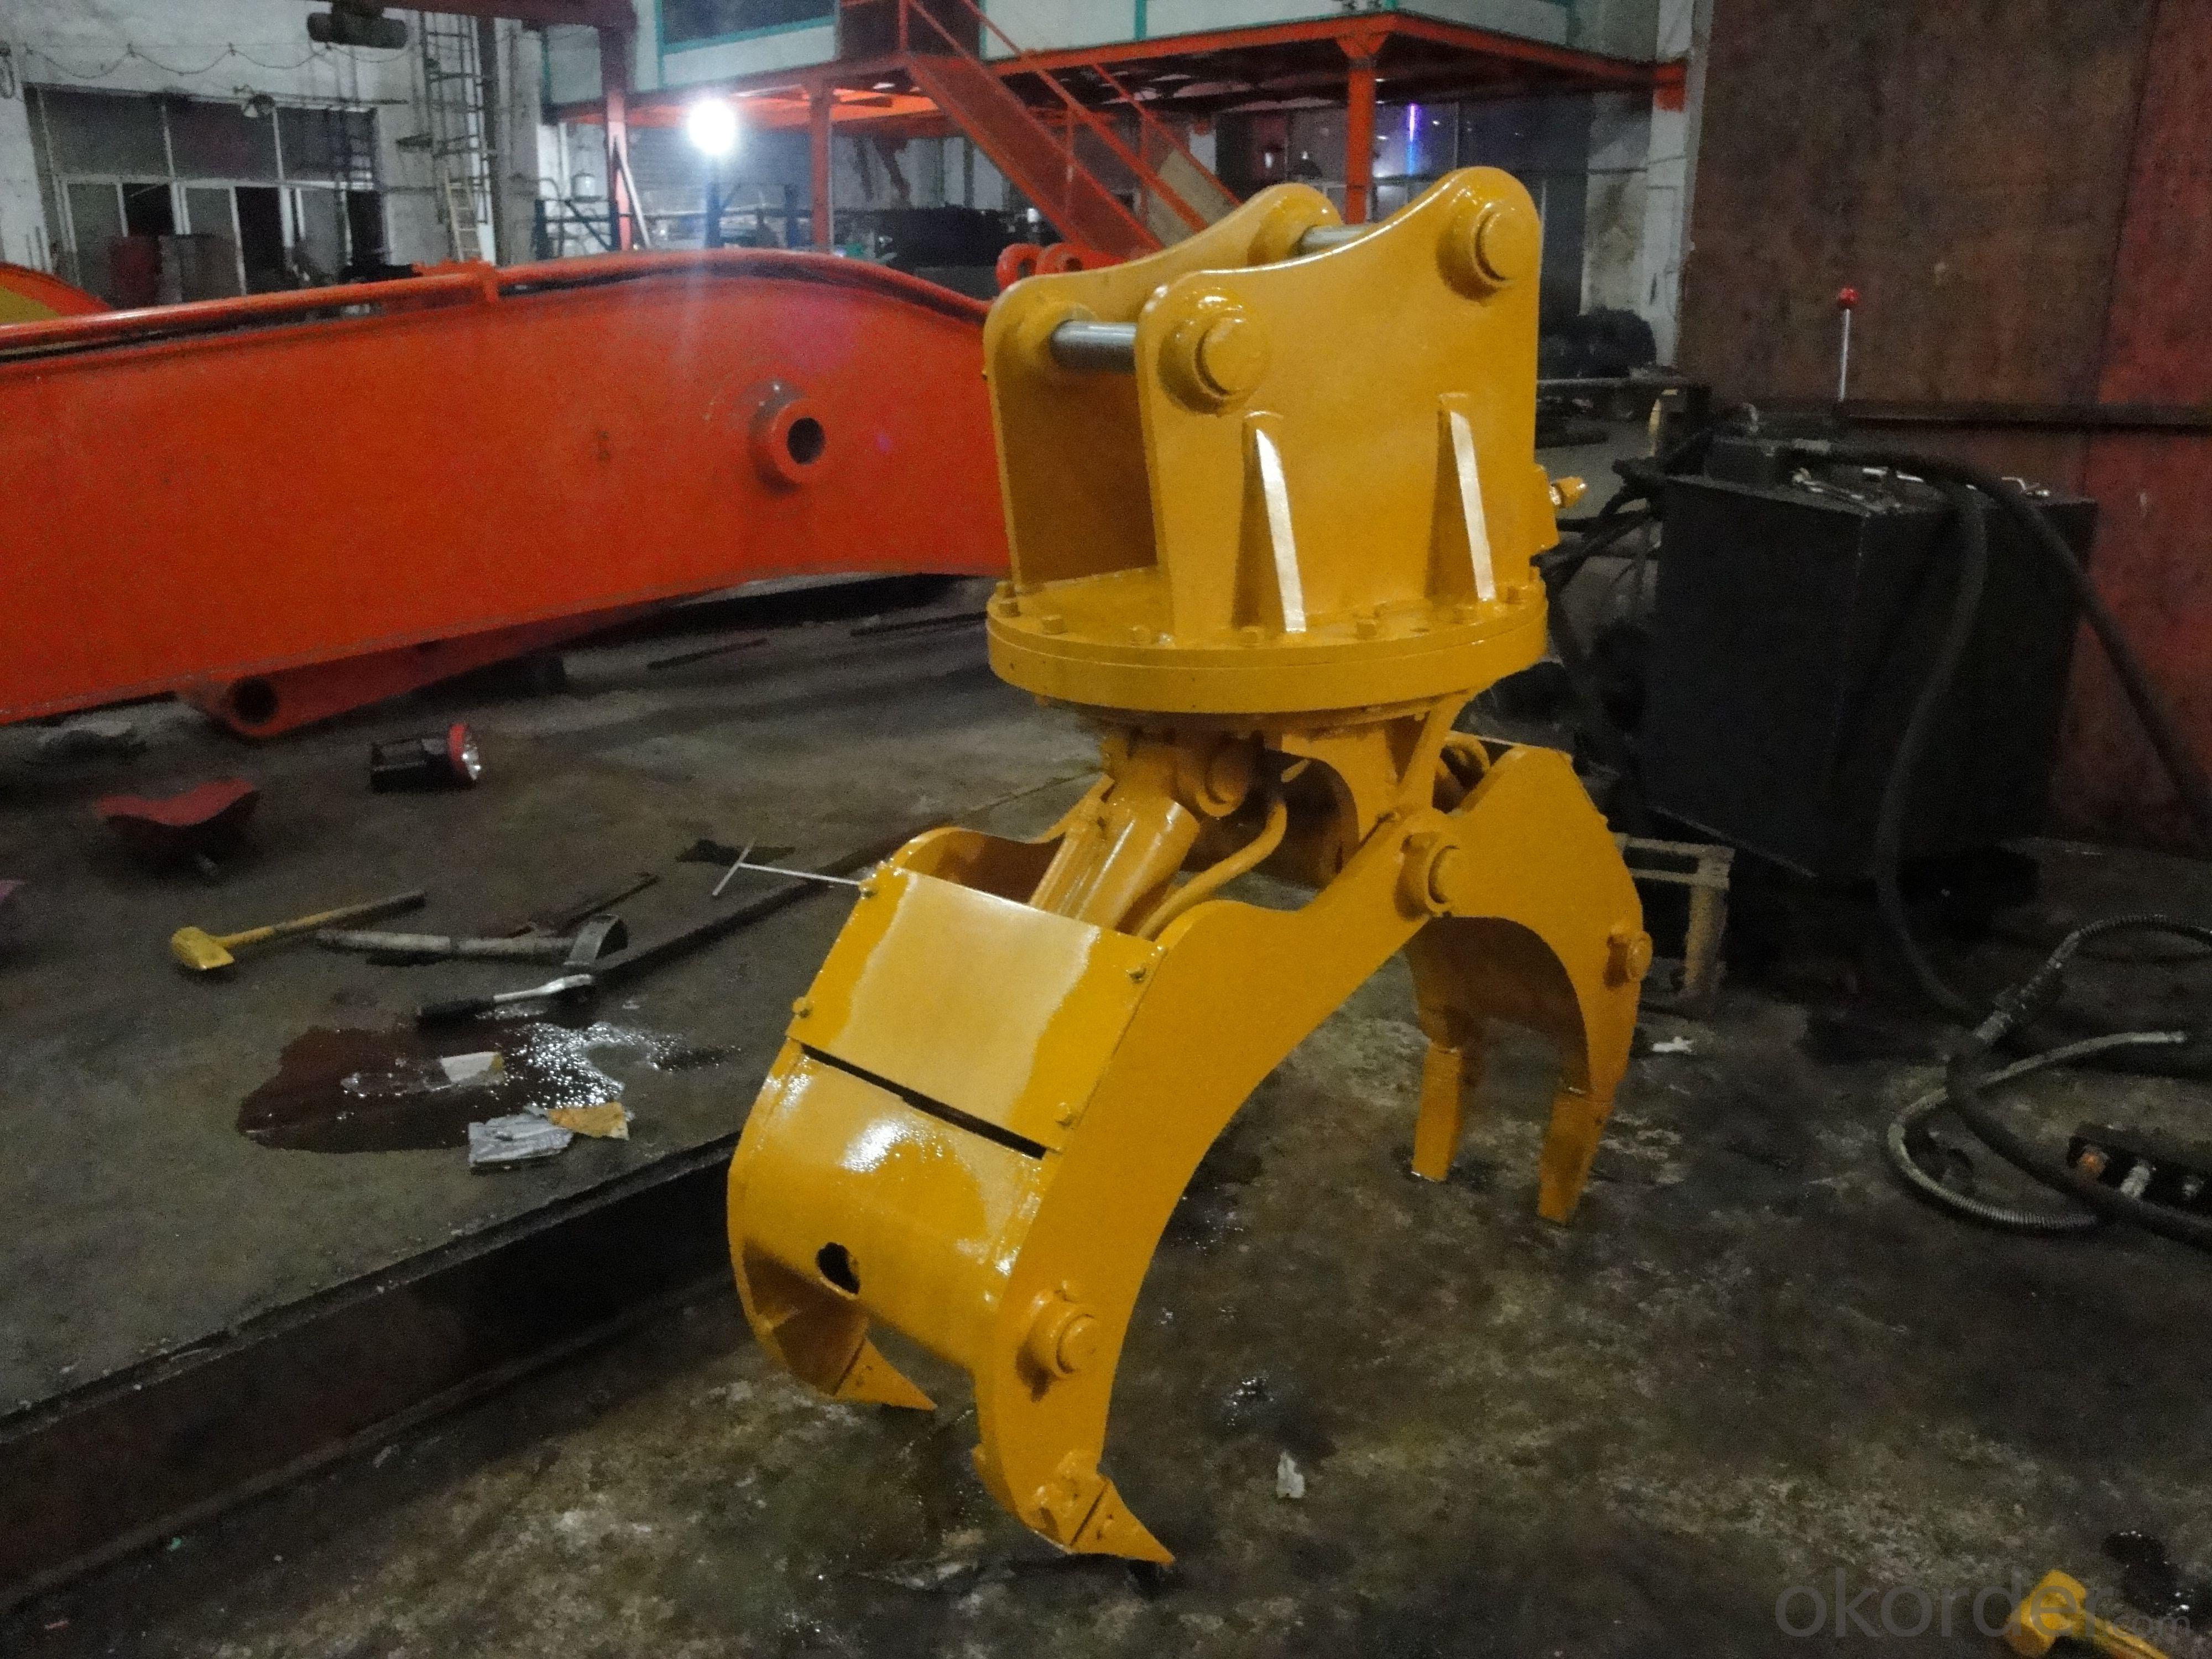 CATERPILLAR CAT307 excavator Log grapple CATERPILLAR excavator parts